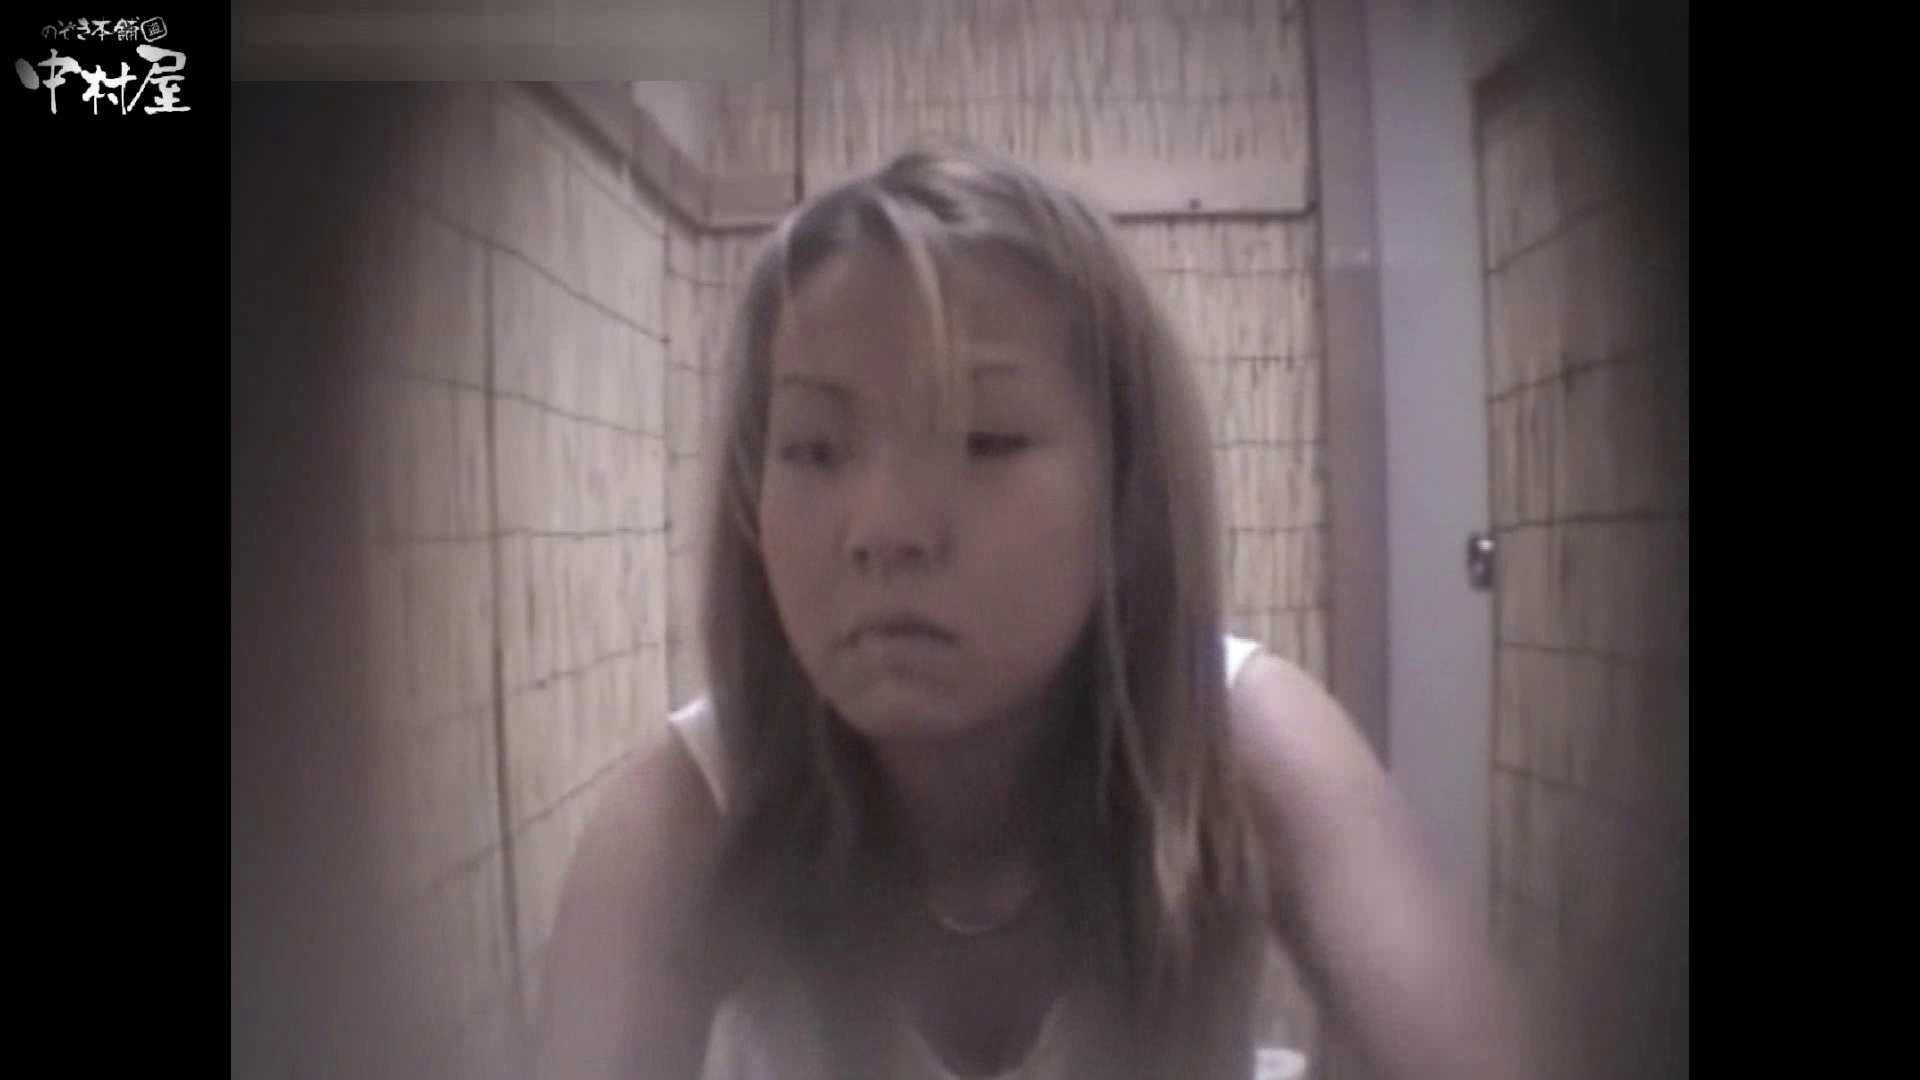 解禁!海の家4カメ洗面所vol.47 ギャルエロ画像 戯れ無修正画像 75PICs 10